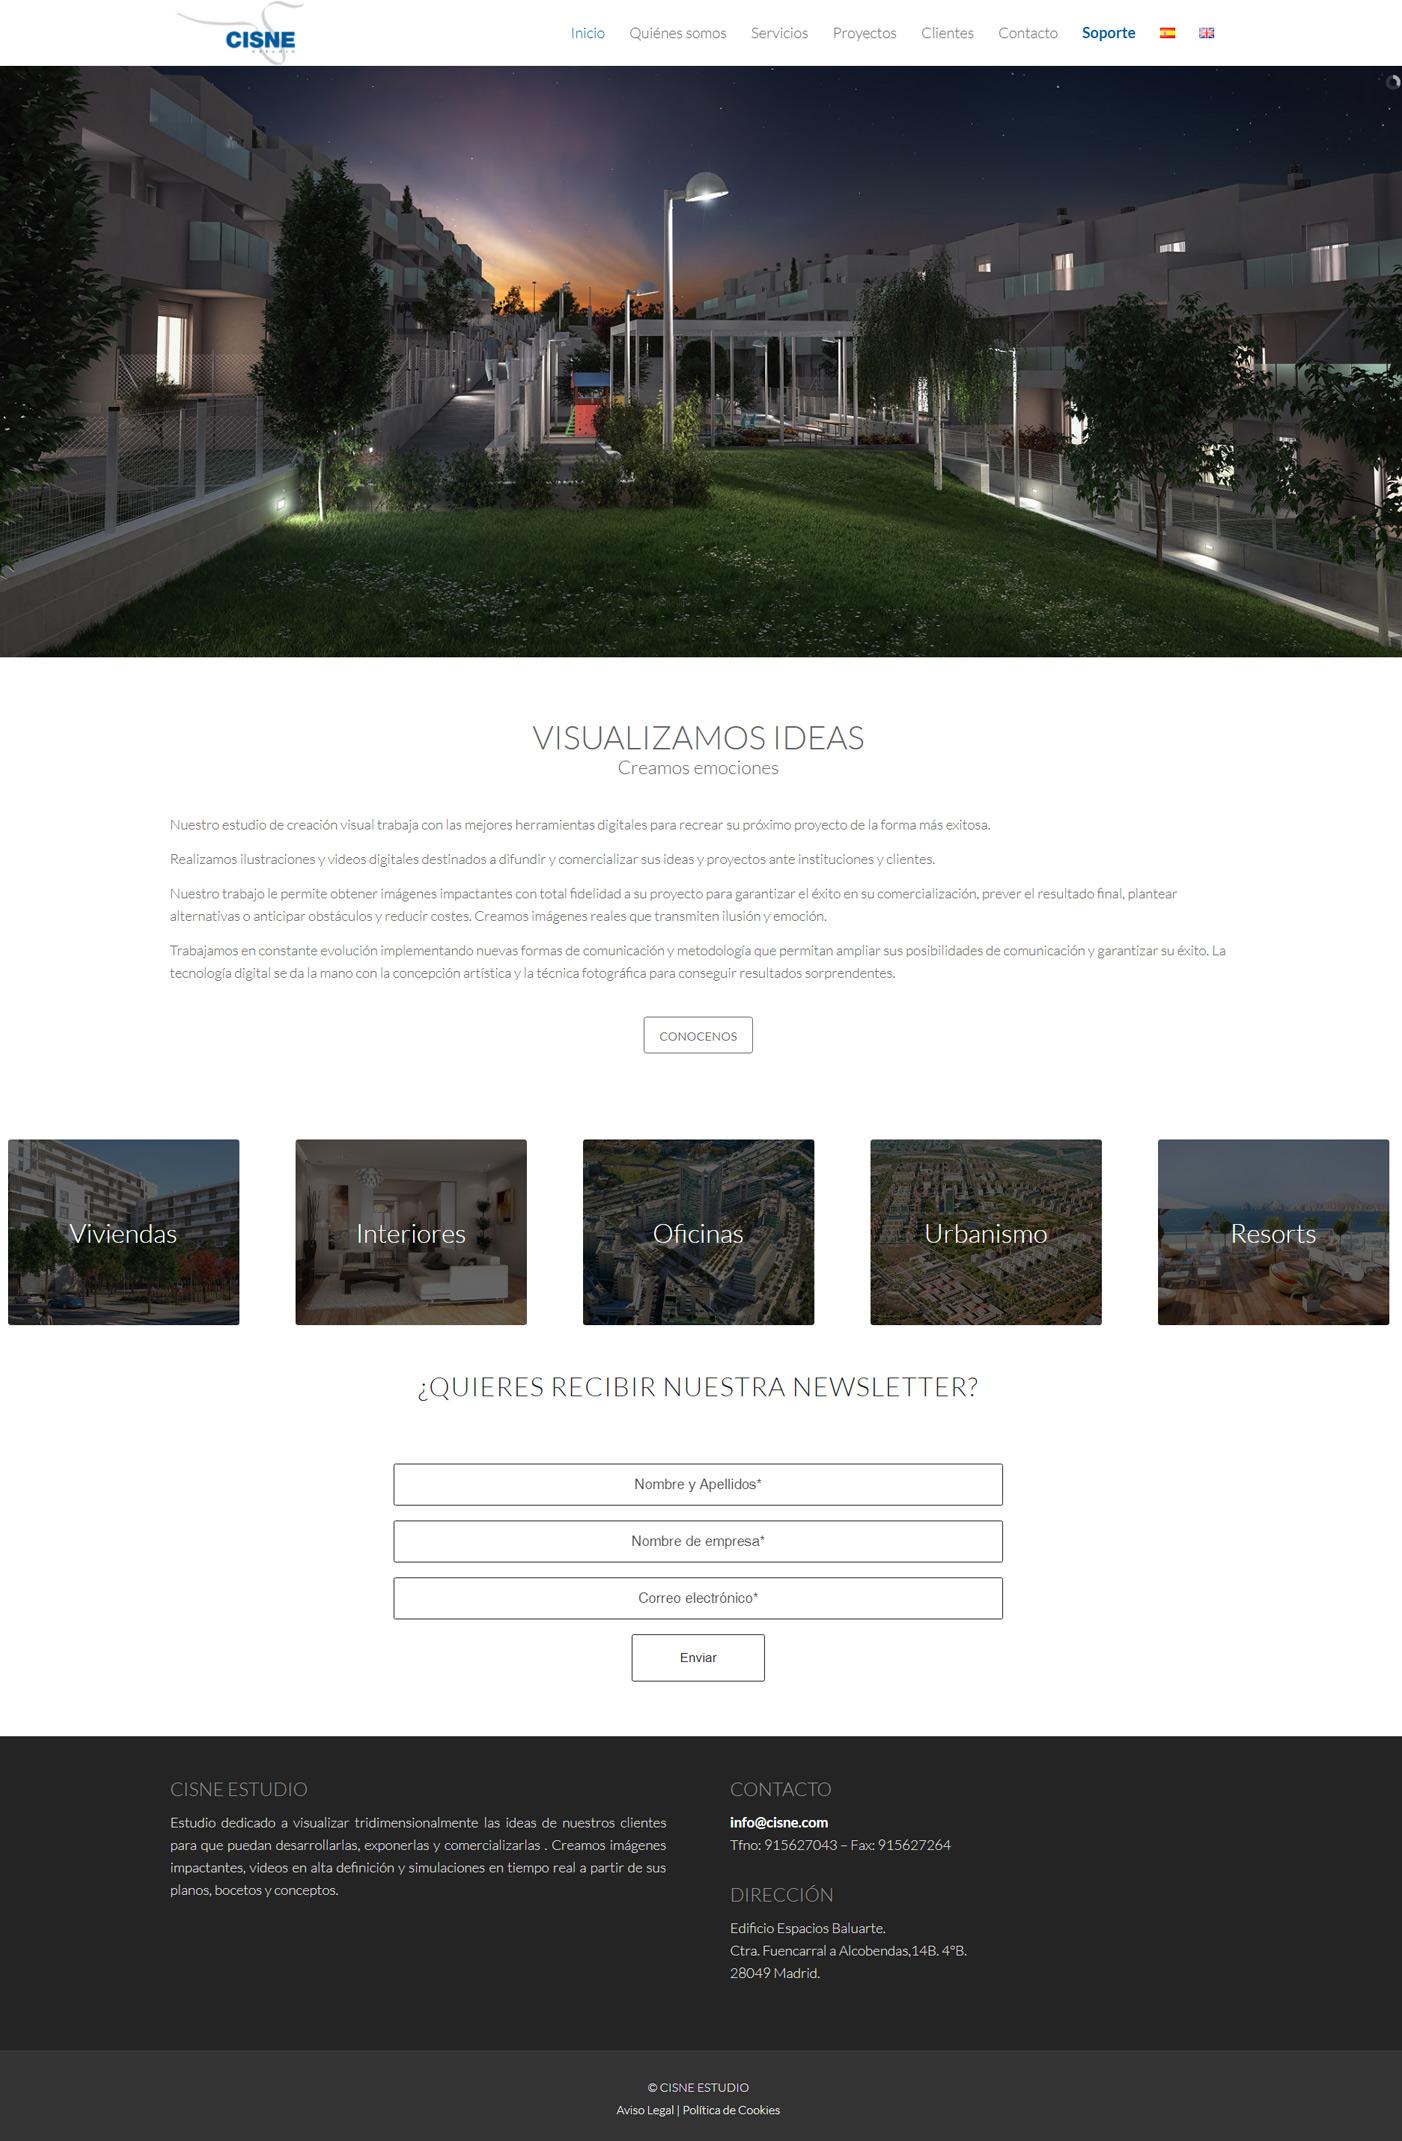 Diseño web Cisne Estudio